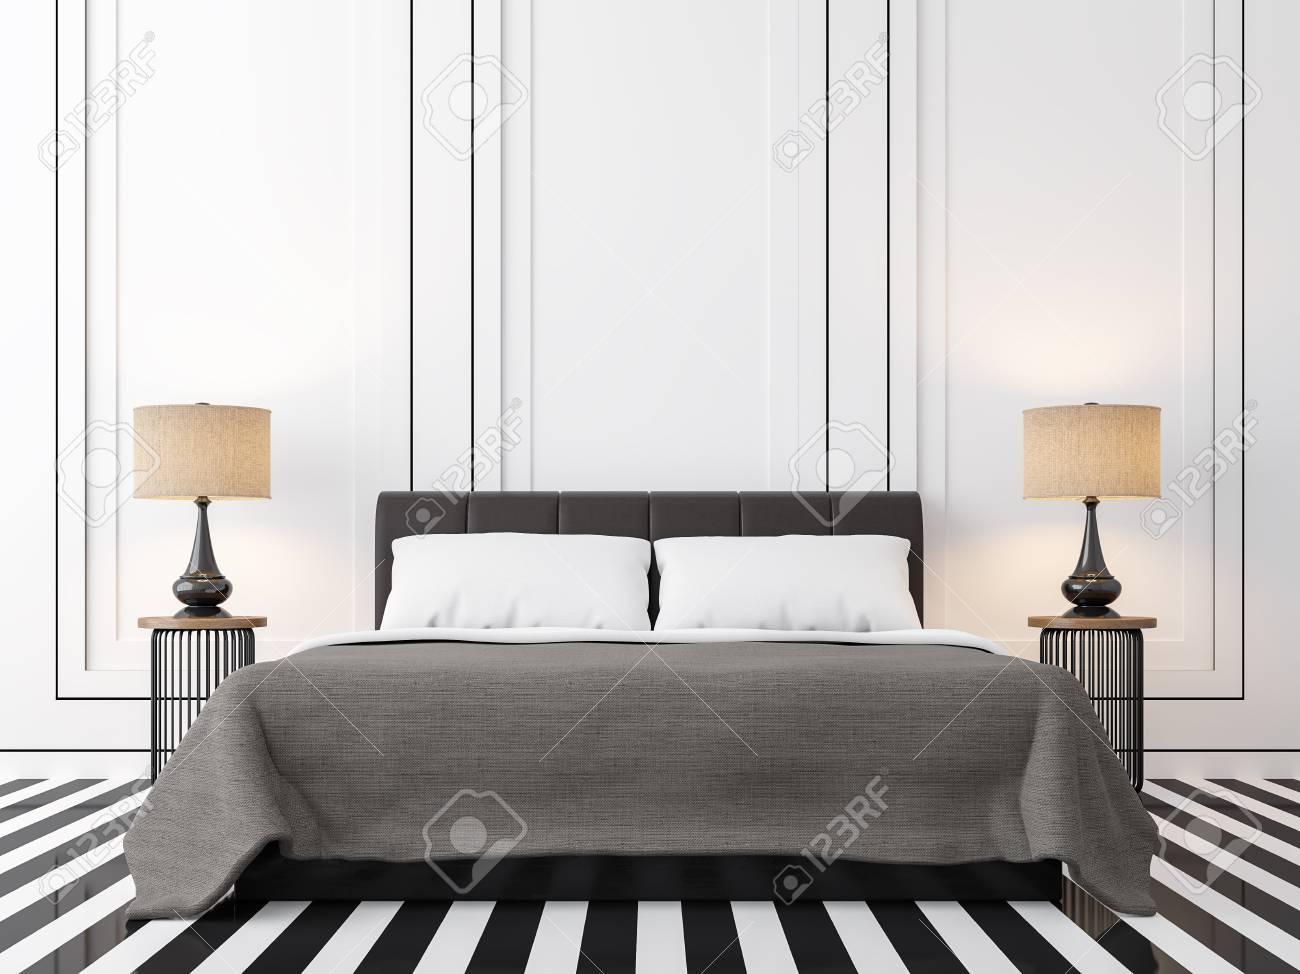 Chambre vintage moderne avec image de rendu 3d en noir et blanc. Il y a un  sol noir et blanc. Décor mural avec gorge noire et fini avec lit marron ...